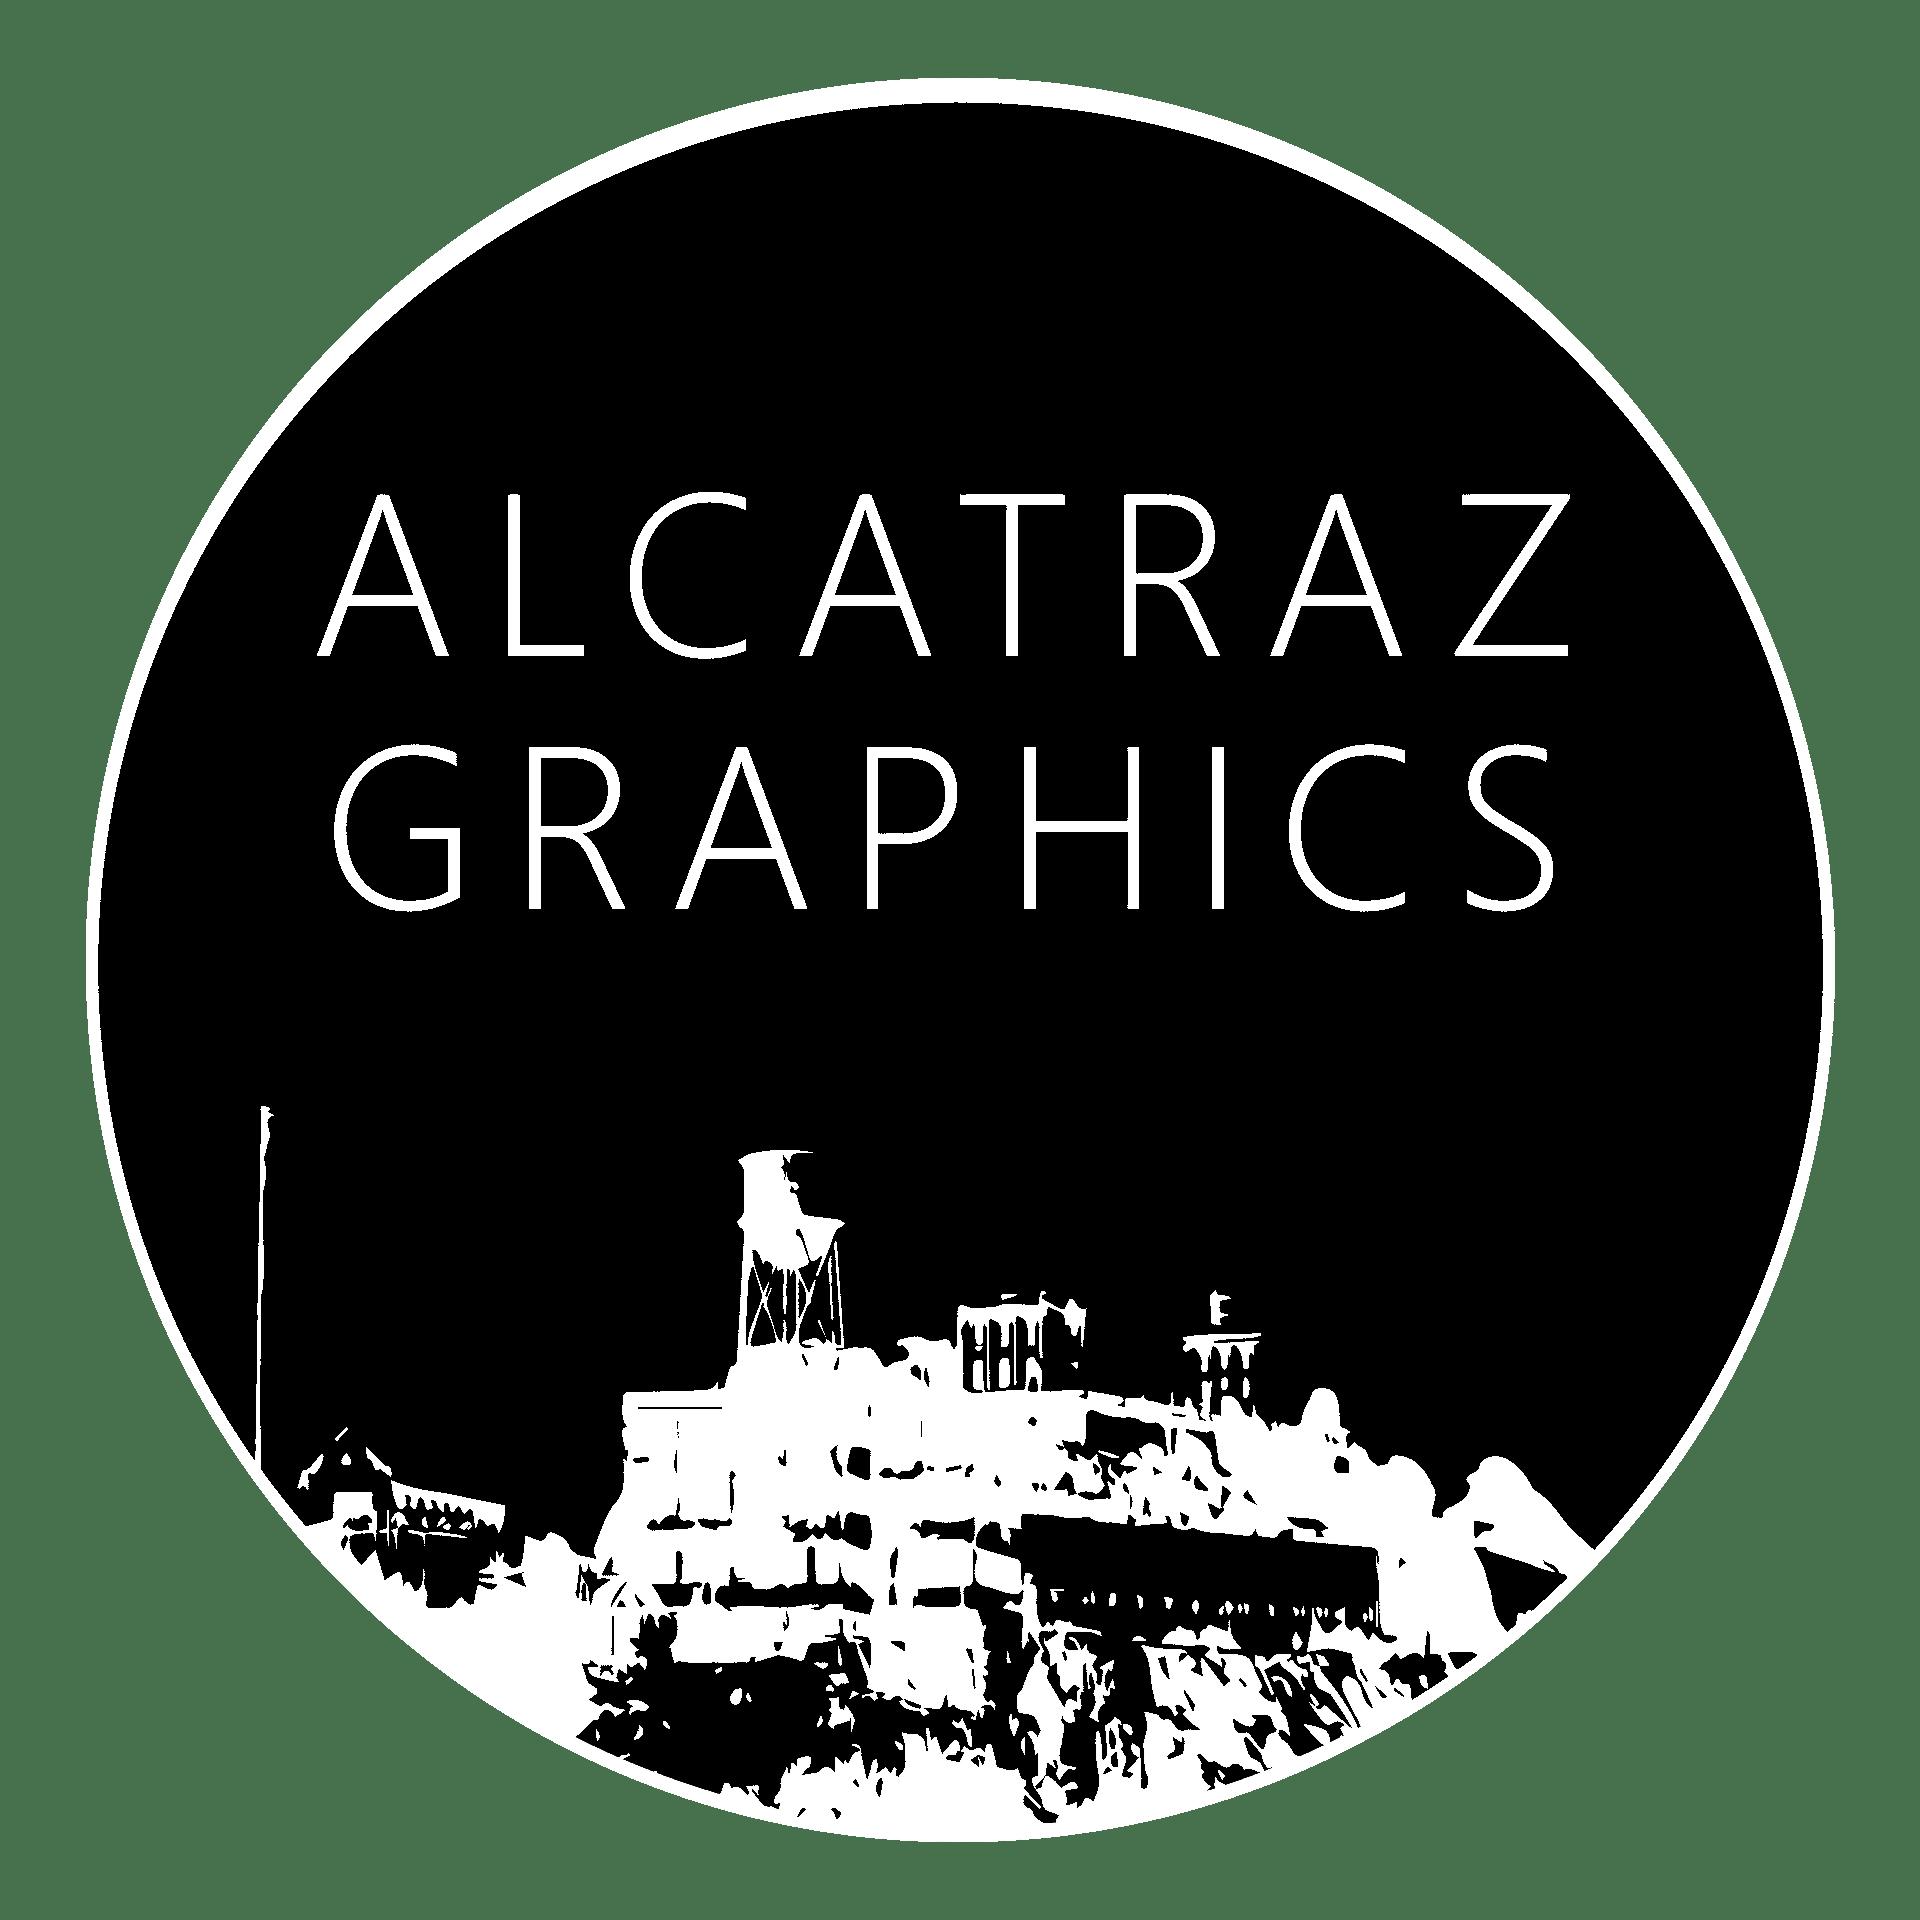 Alcatraz Graphics - Chorley, Lancashire PR7 5AU - 07543 181269 | ShowMeLocal.com